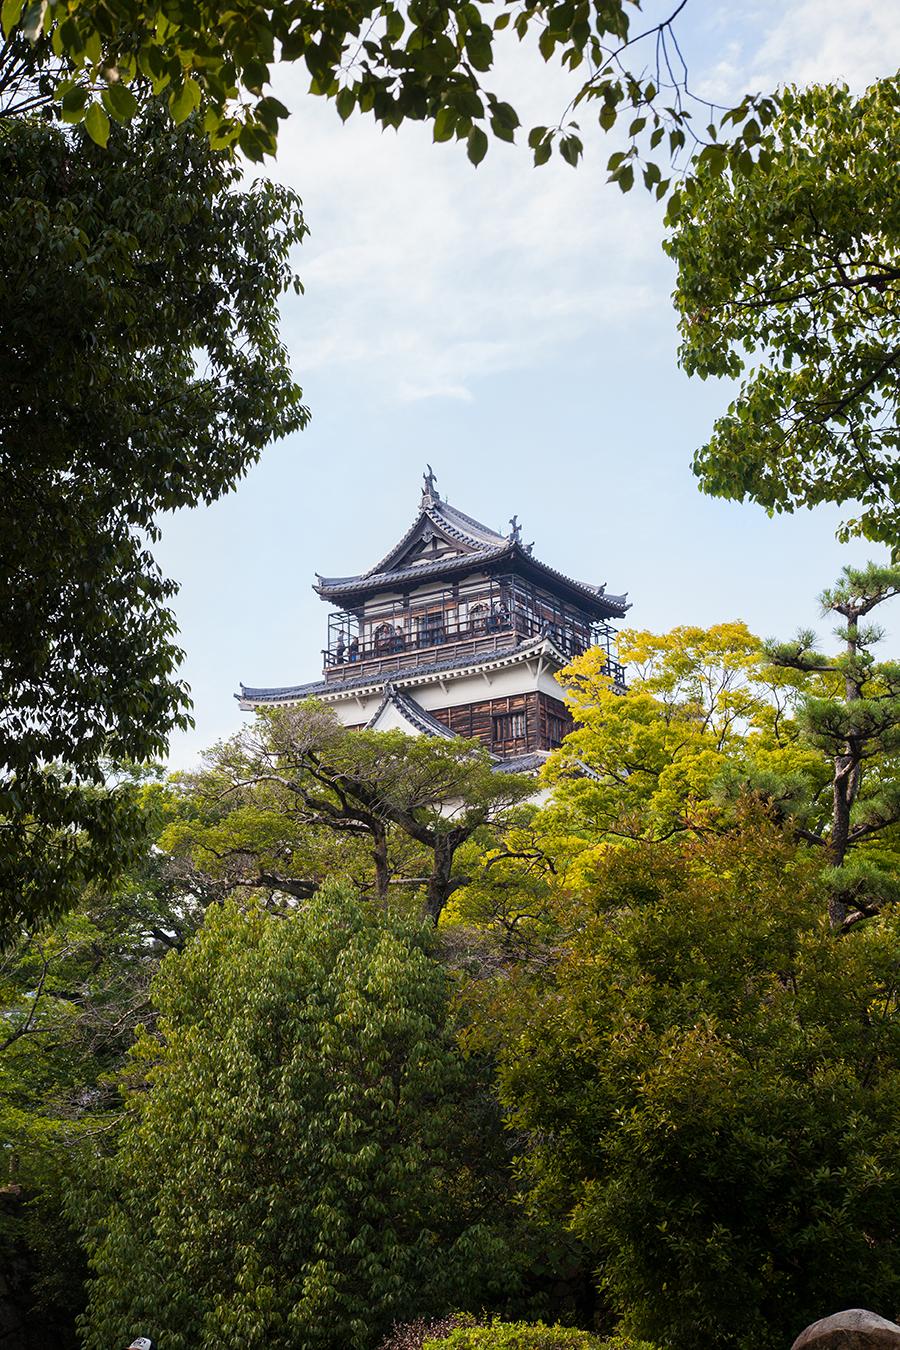 castello di hiroshima giappone